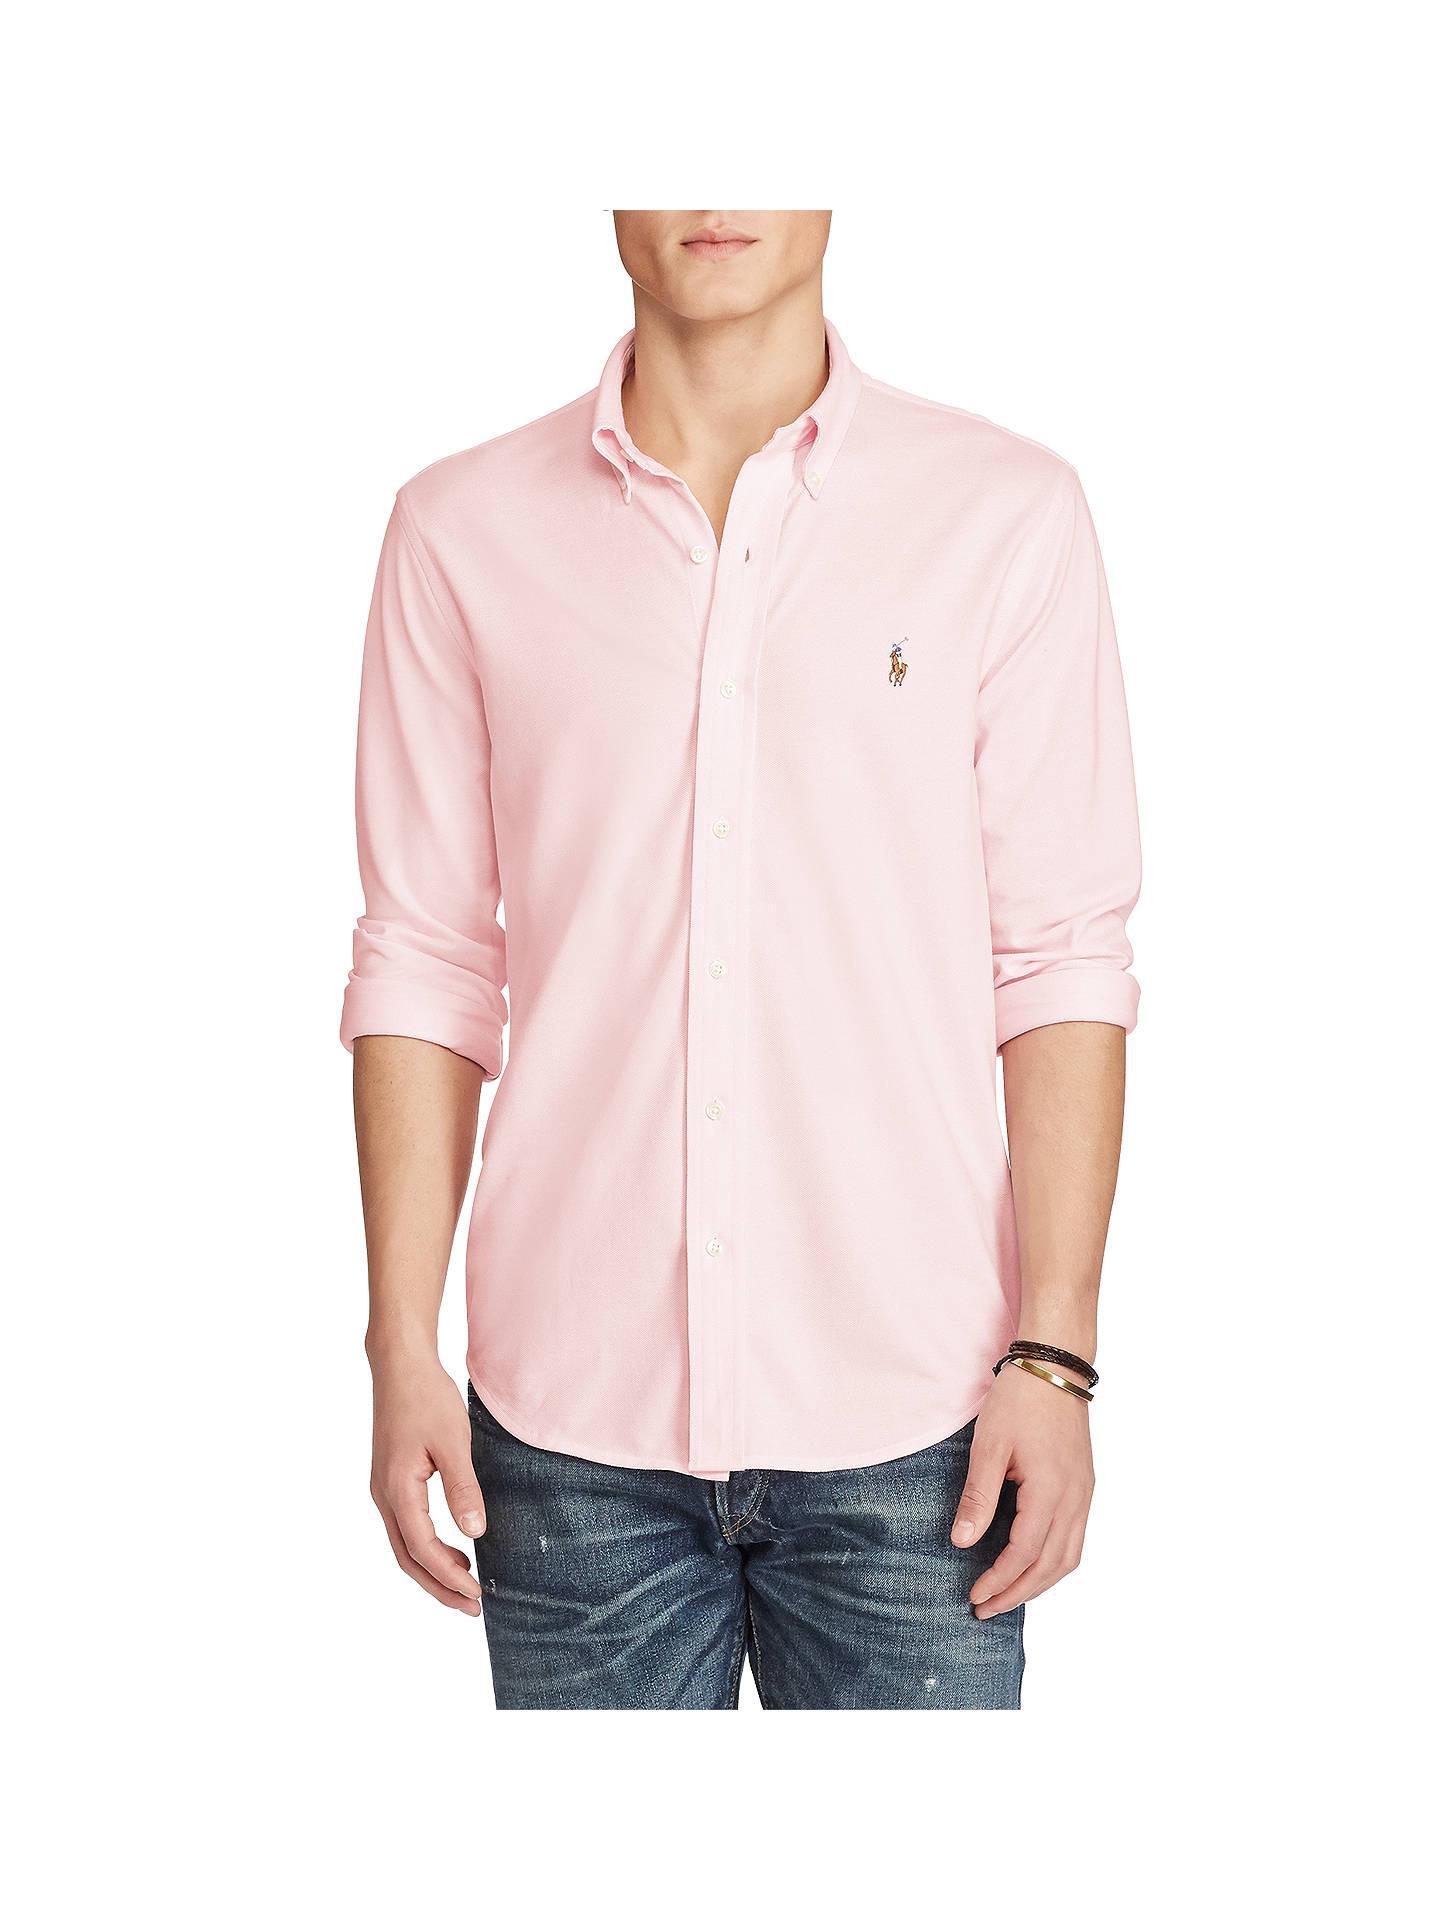 BuyPolo Ralph Lauren Long Sleeve Full Button Sport Shirt 20c541d7c852